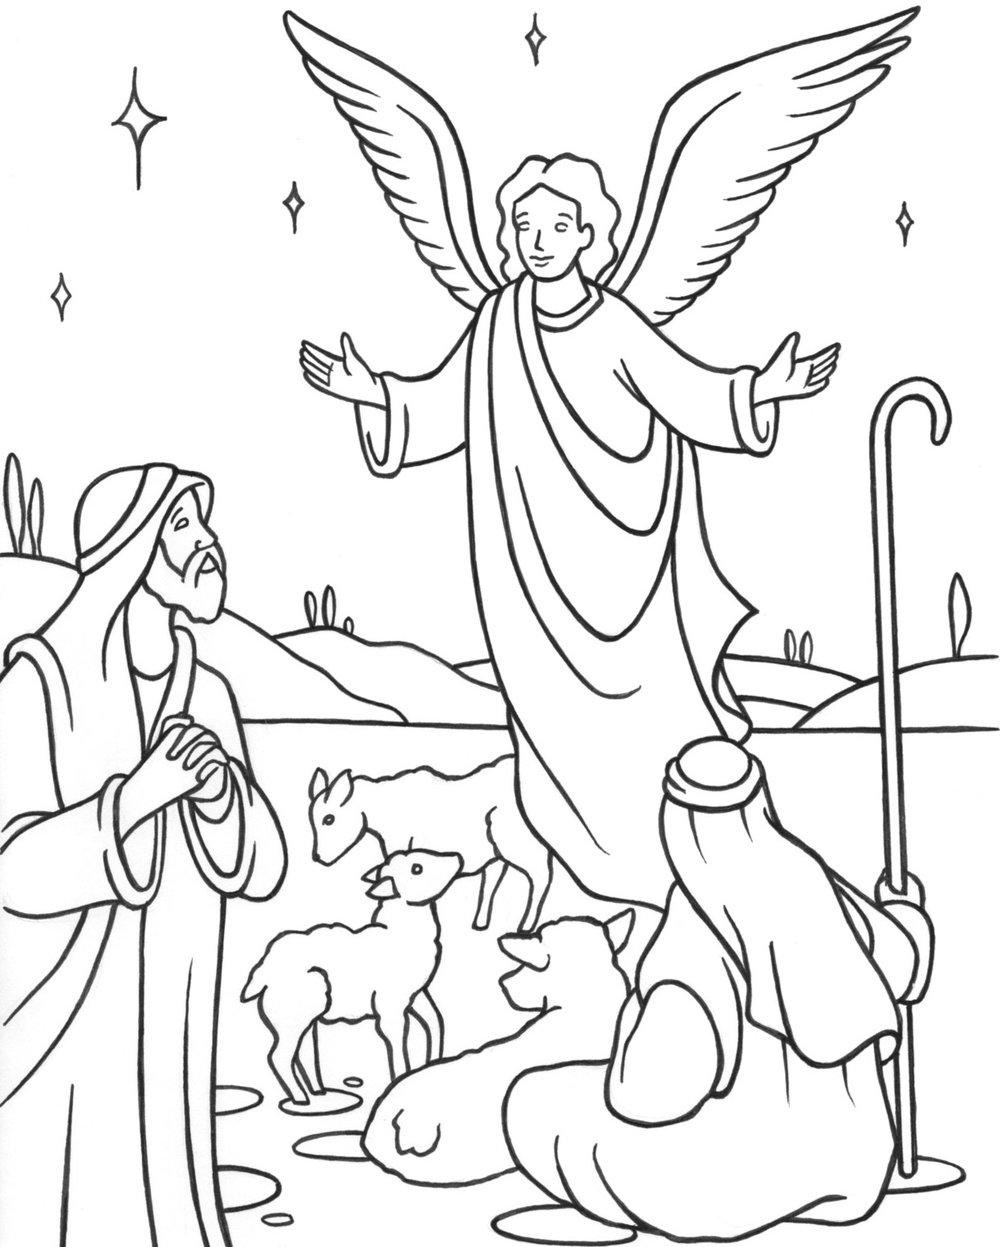 angels-shepherds-gloria-coloring-page.jpg